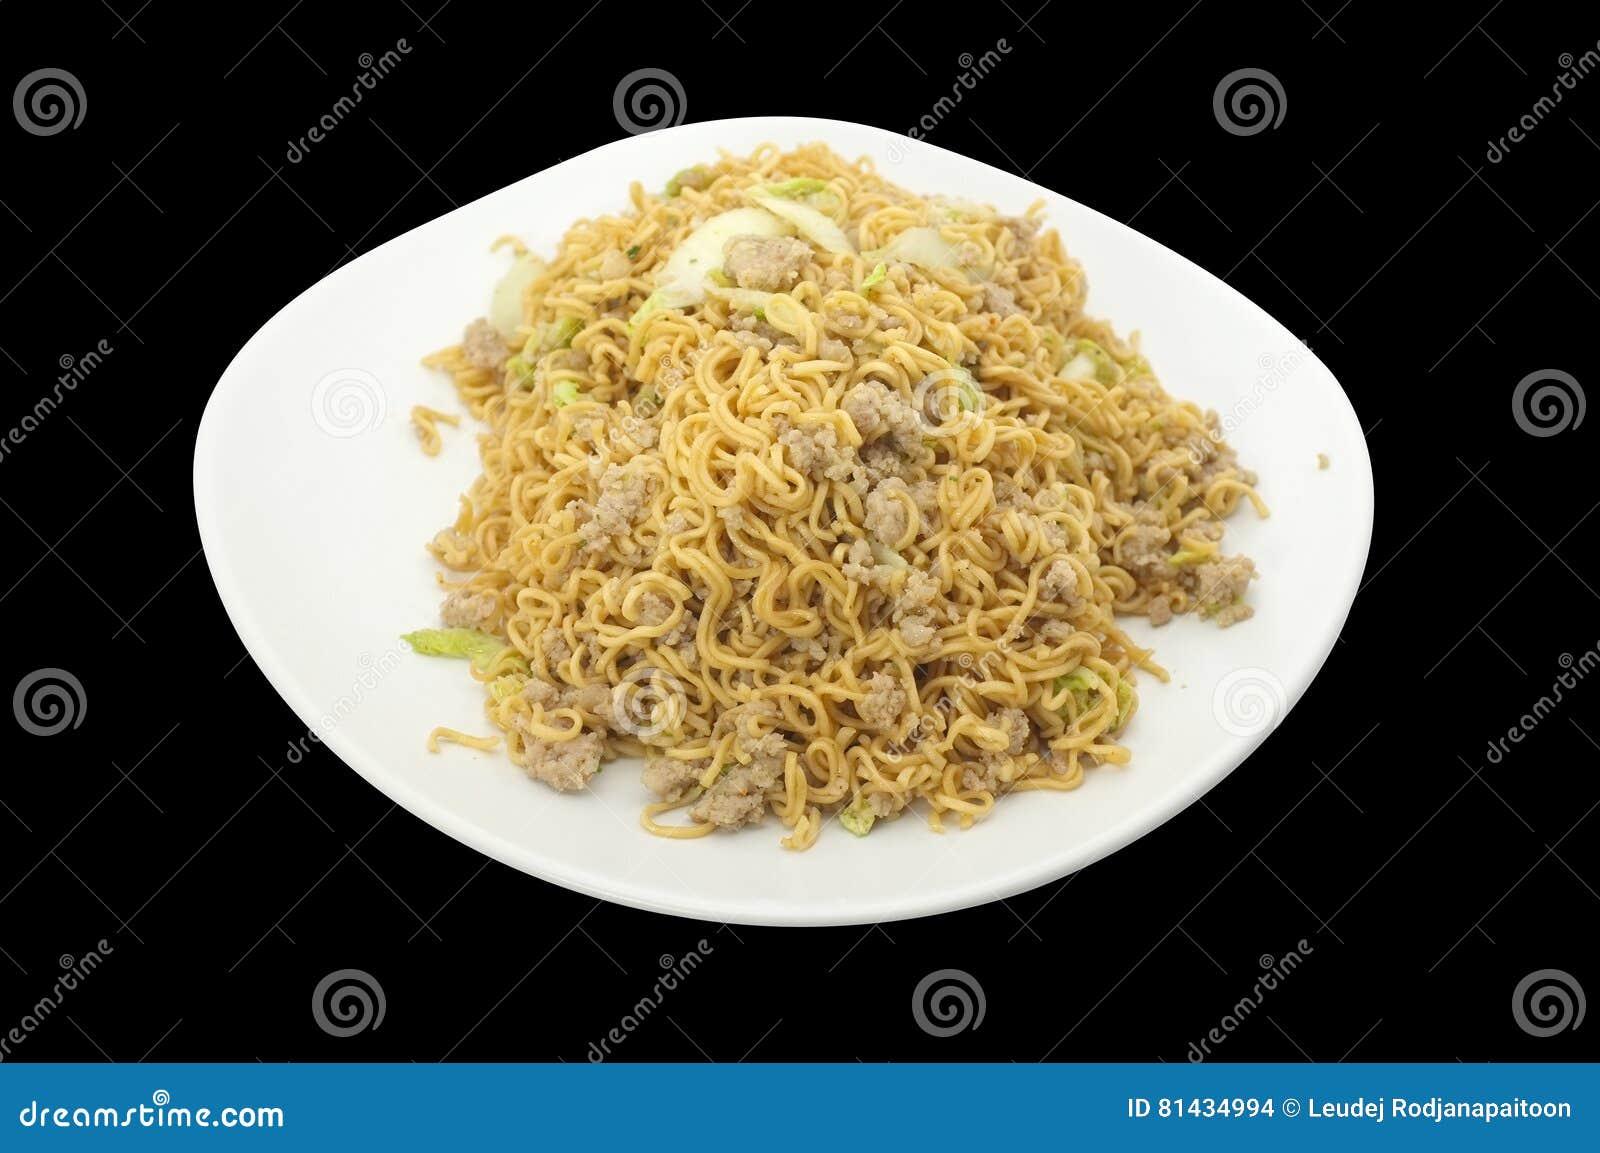 La cuisine thaïlandaise, émoi asiatique a fait frire la nouille avec du porc et le légume hachés